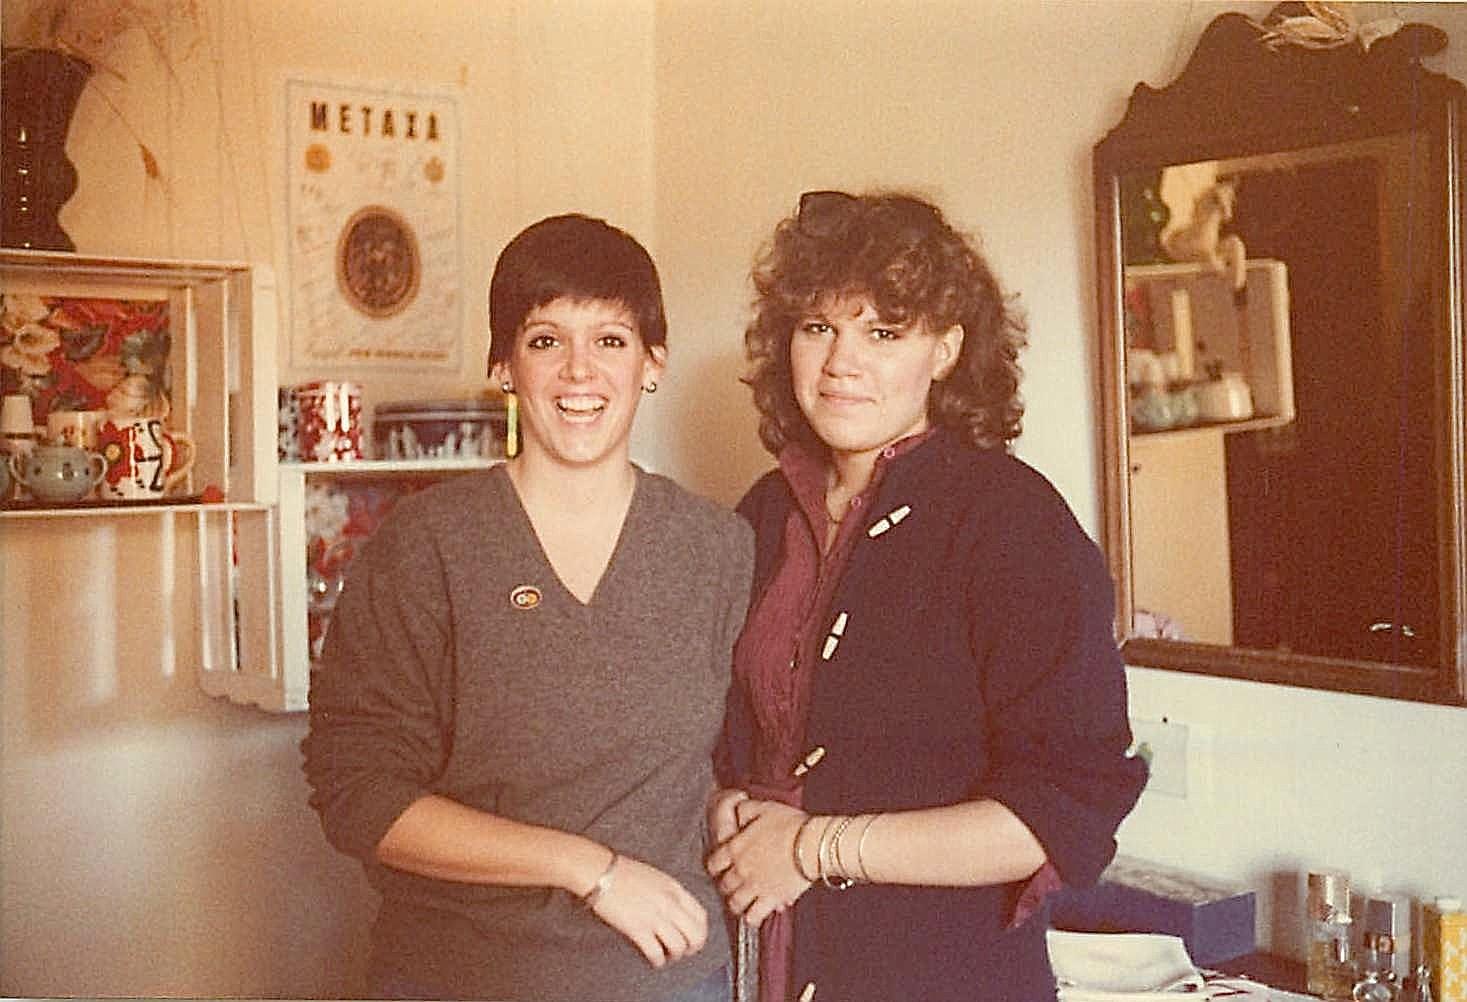 Liz Scheller & Celeste G., 1978, Smith College